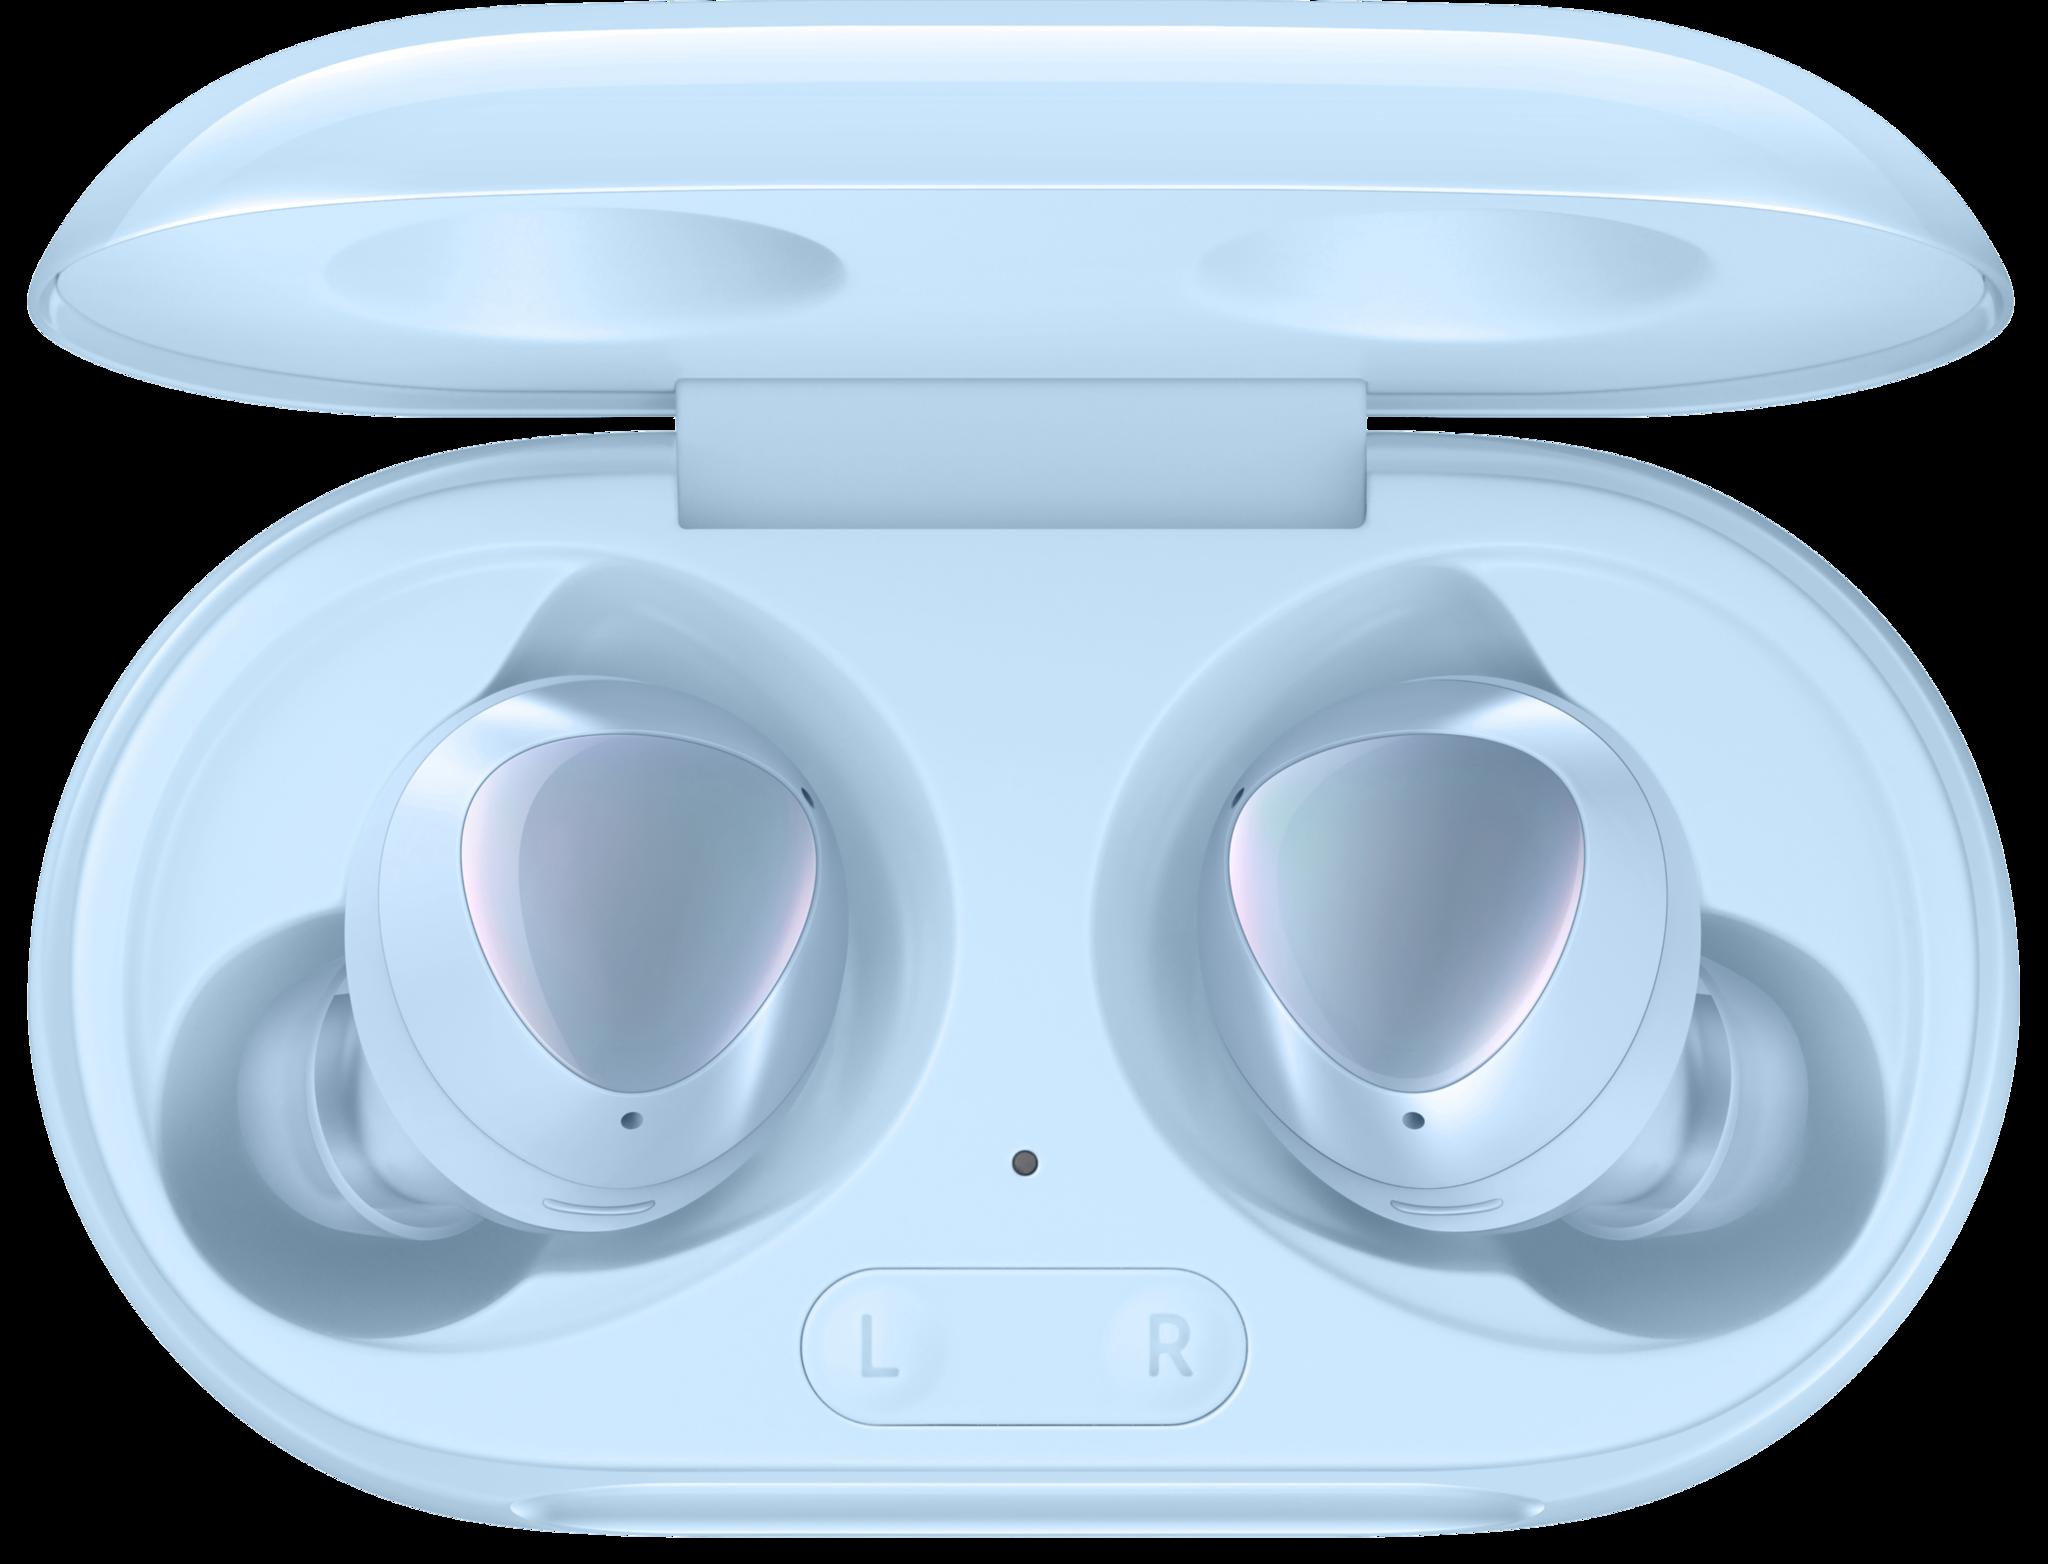 Best True Wireless Earbuds for Galaxy S20 in 2020